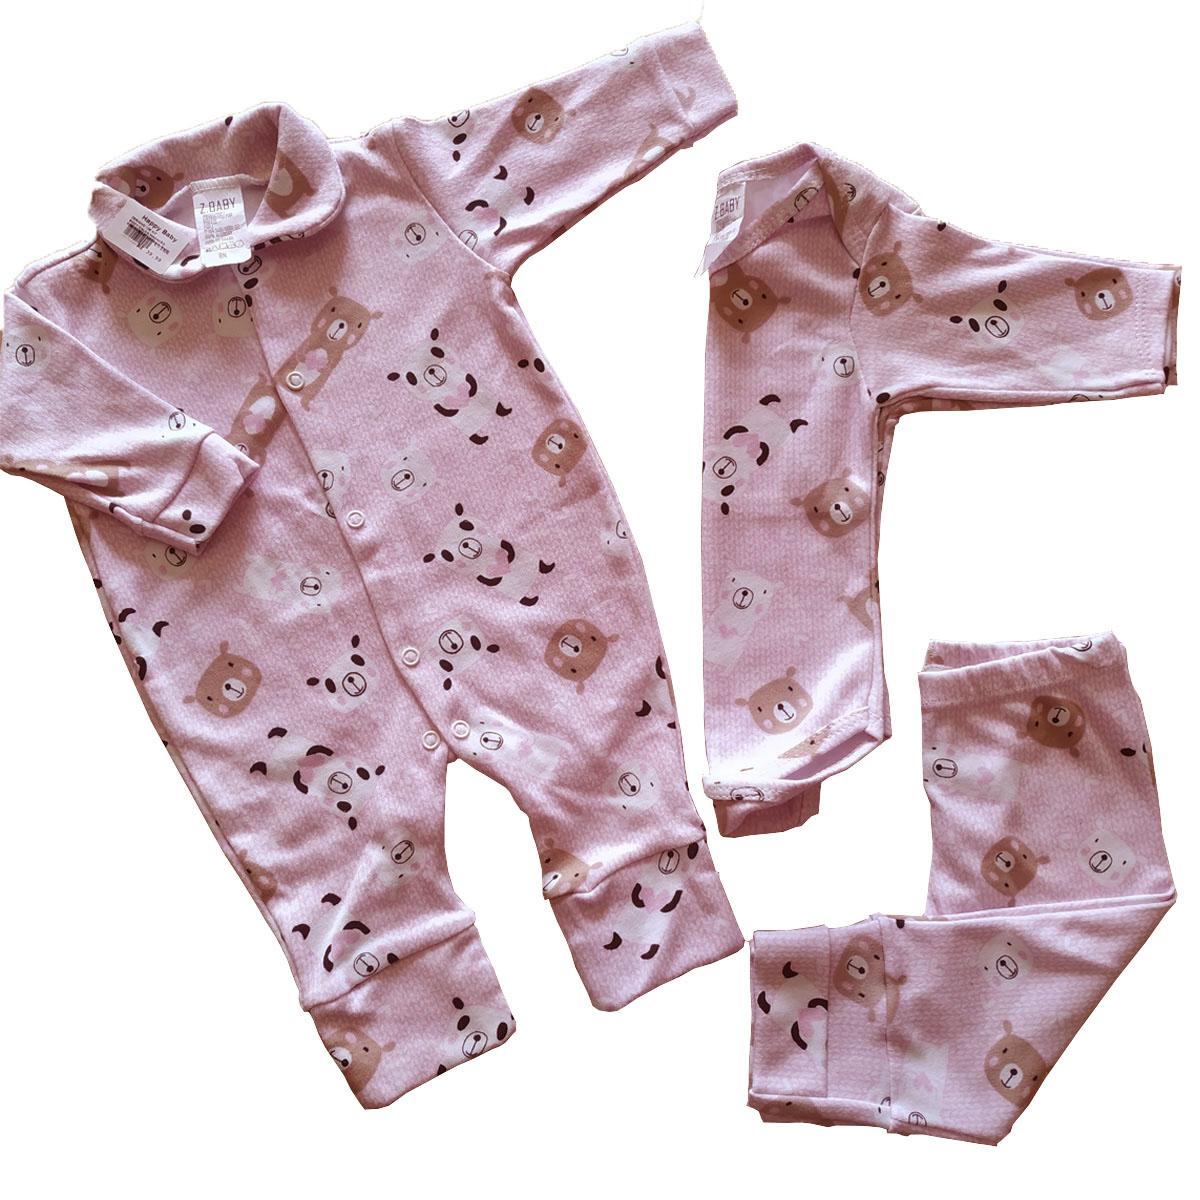 Conjuntinho Roupa de Bebê 3 Peças Fluffy - Macacão, Body e Mijão